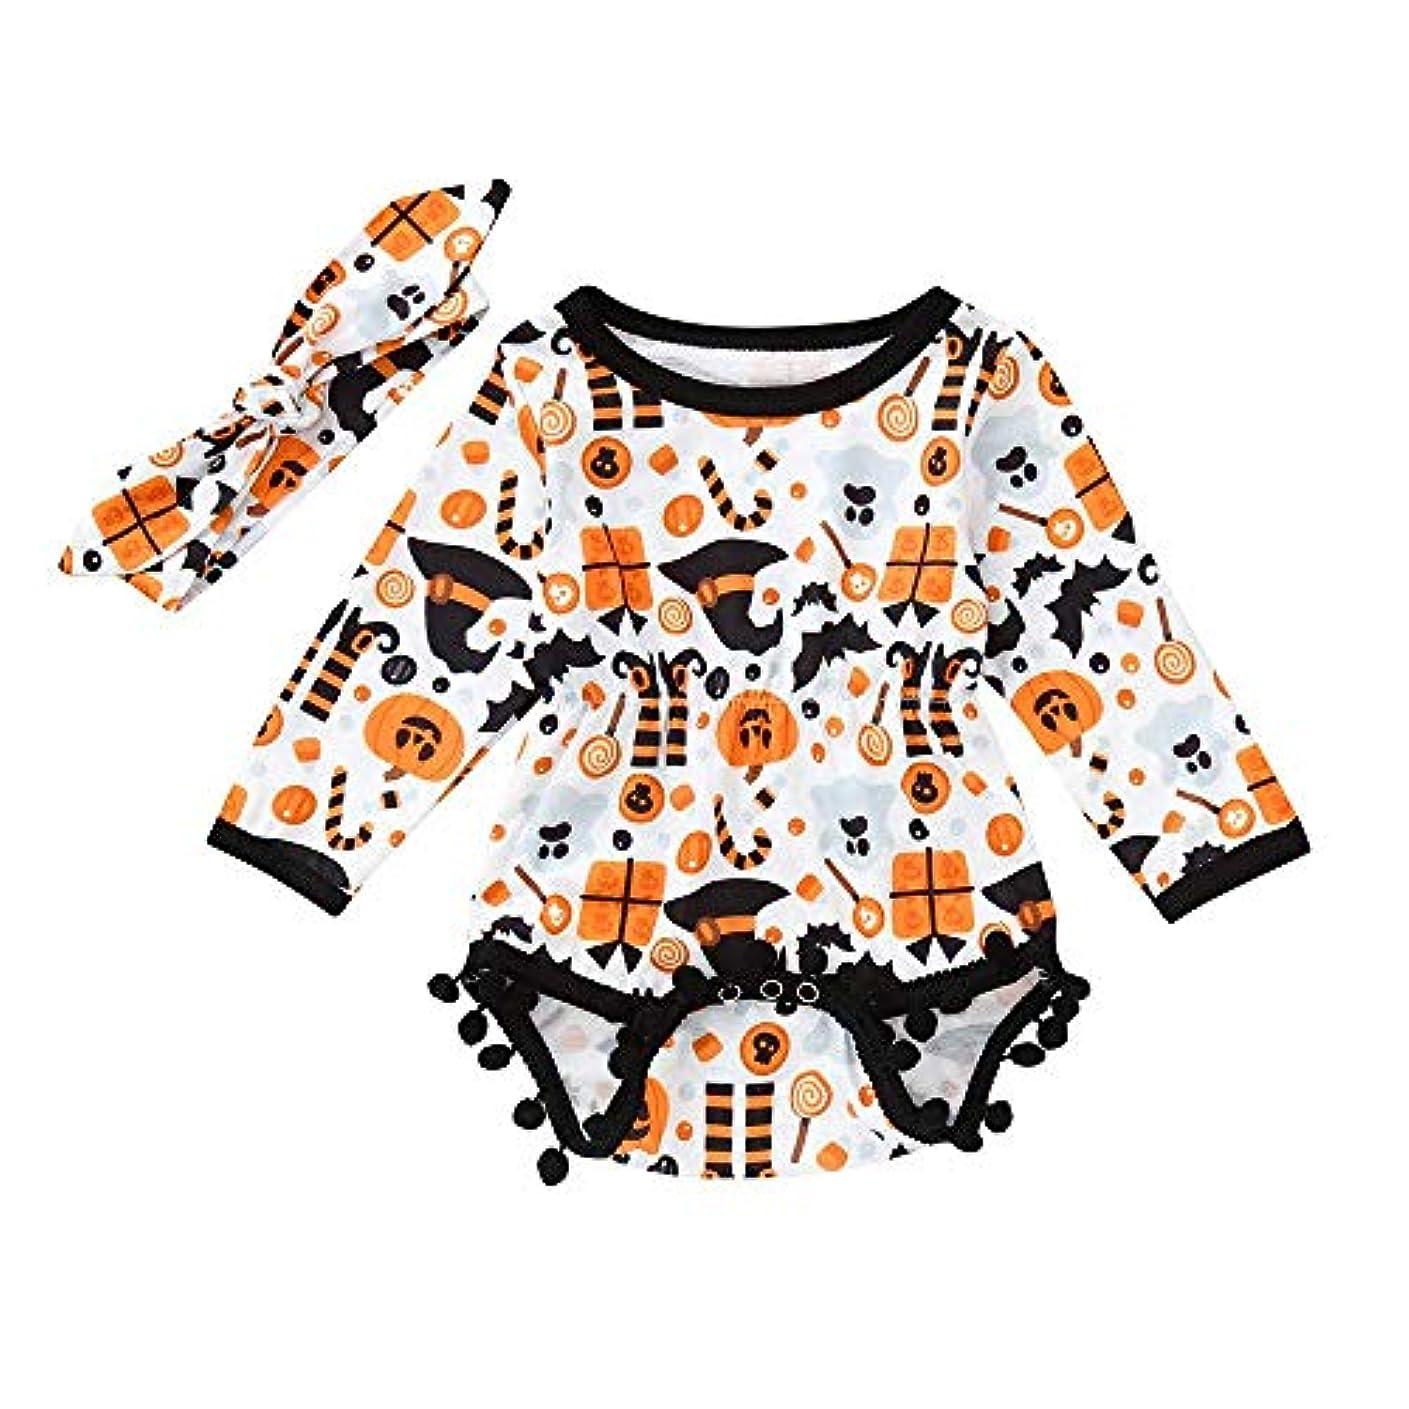 心理的月曜日調和のとれたBHKK 赤ちゃん幼児少年少女漫画ロンパージャンプススーツハロウィンコスチュームボディスーツ 6 ヶ月-24 ヶ月 オレンジ 24ヶ月